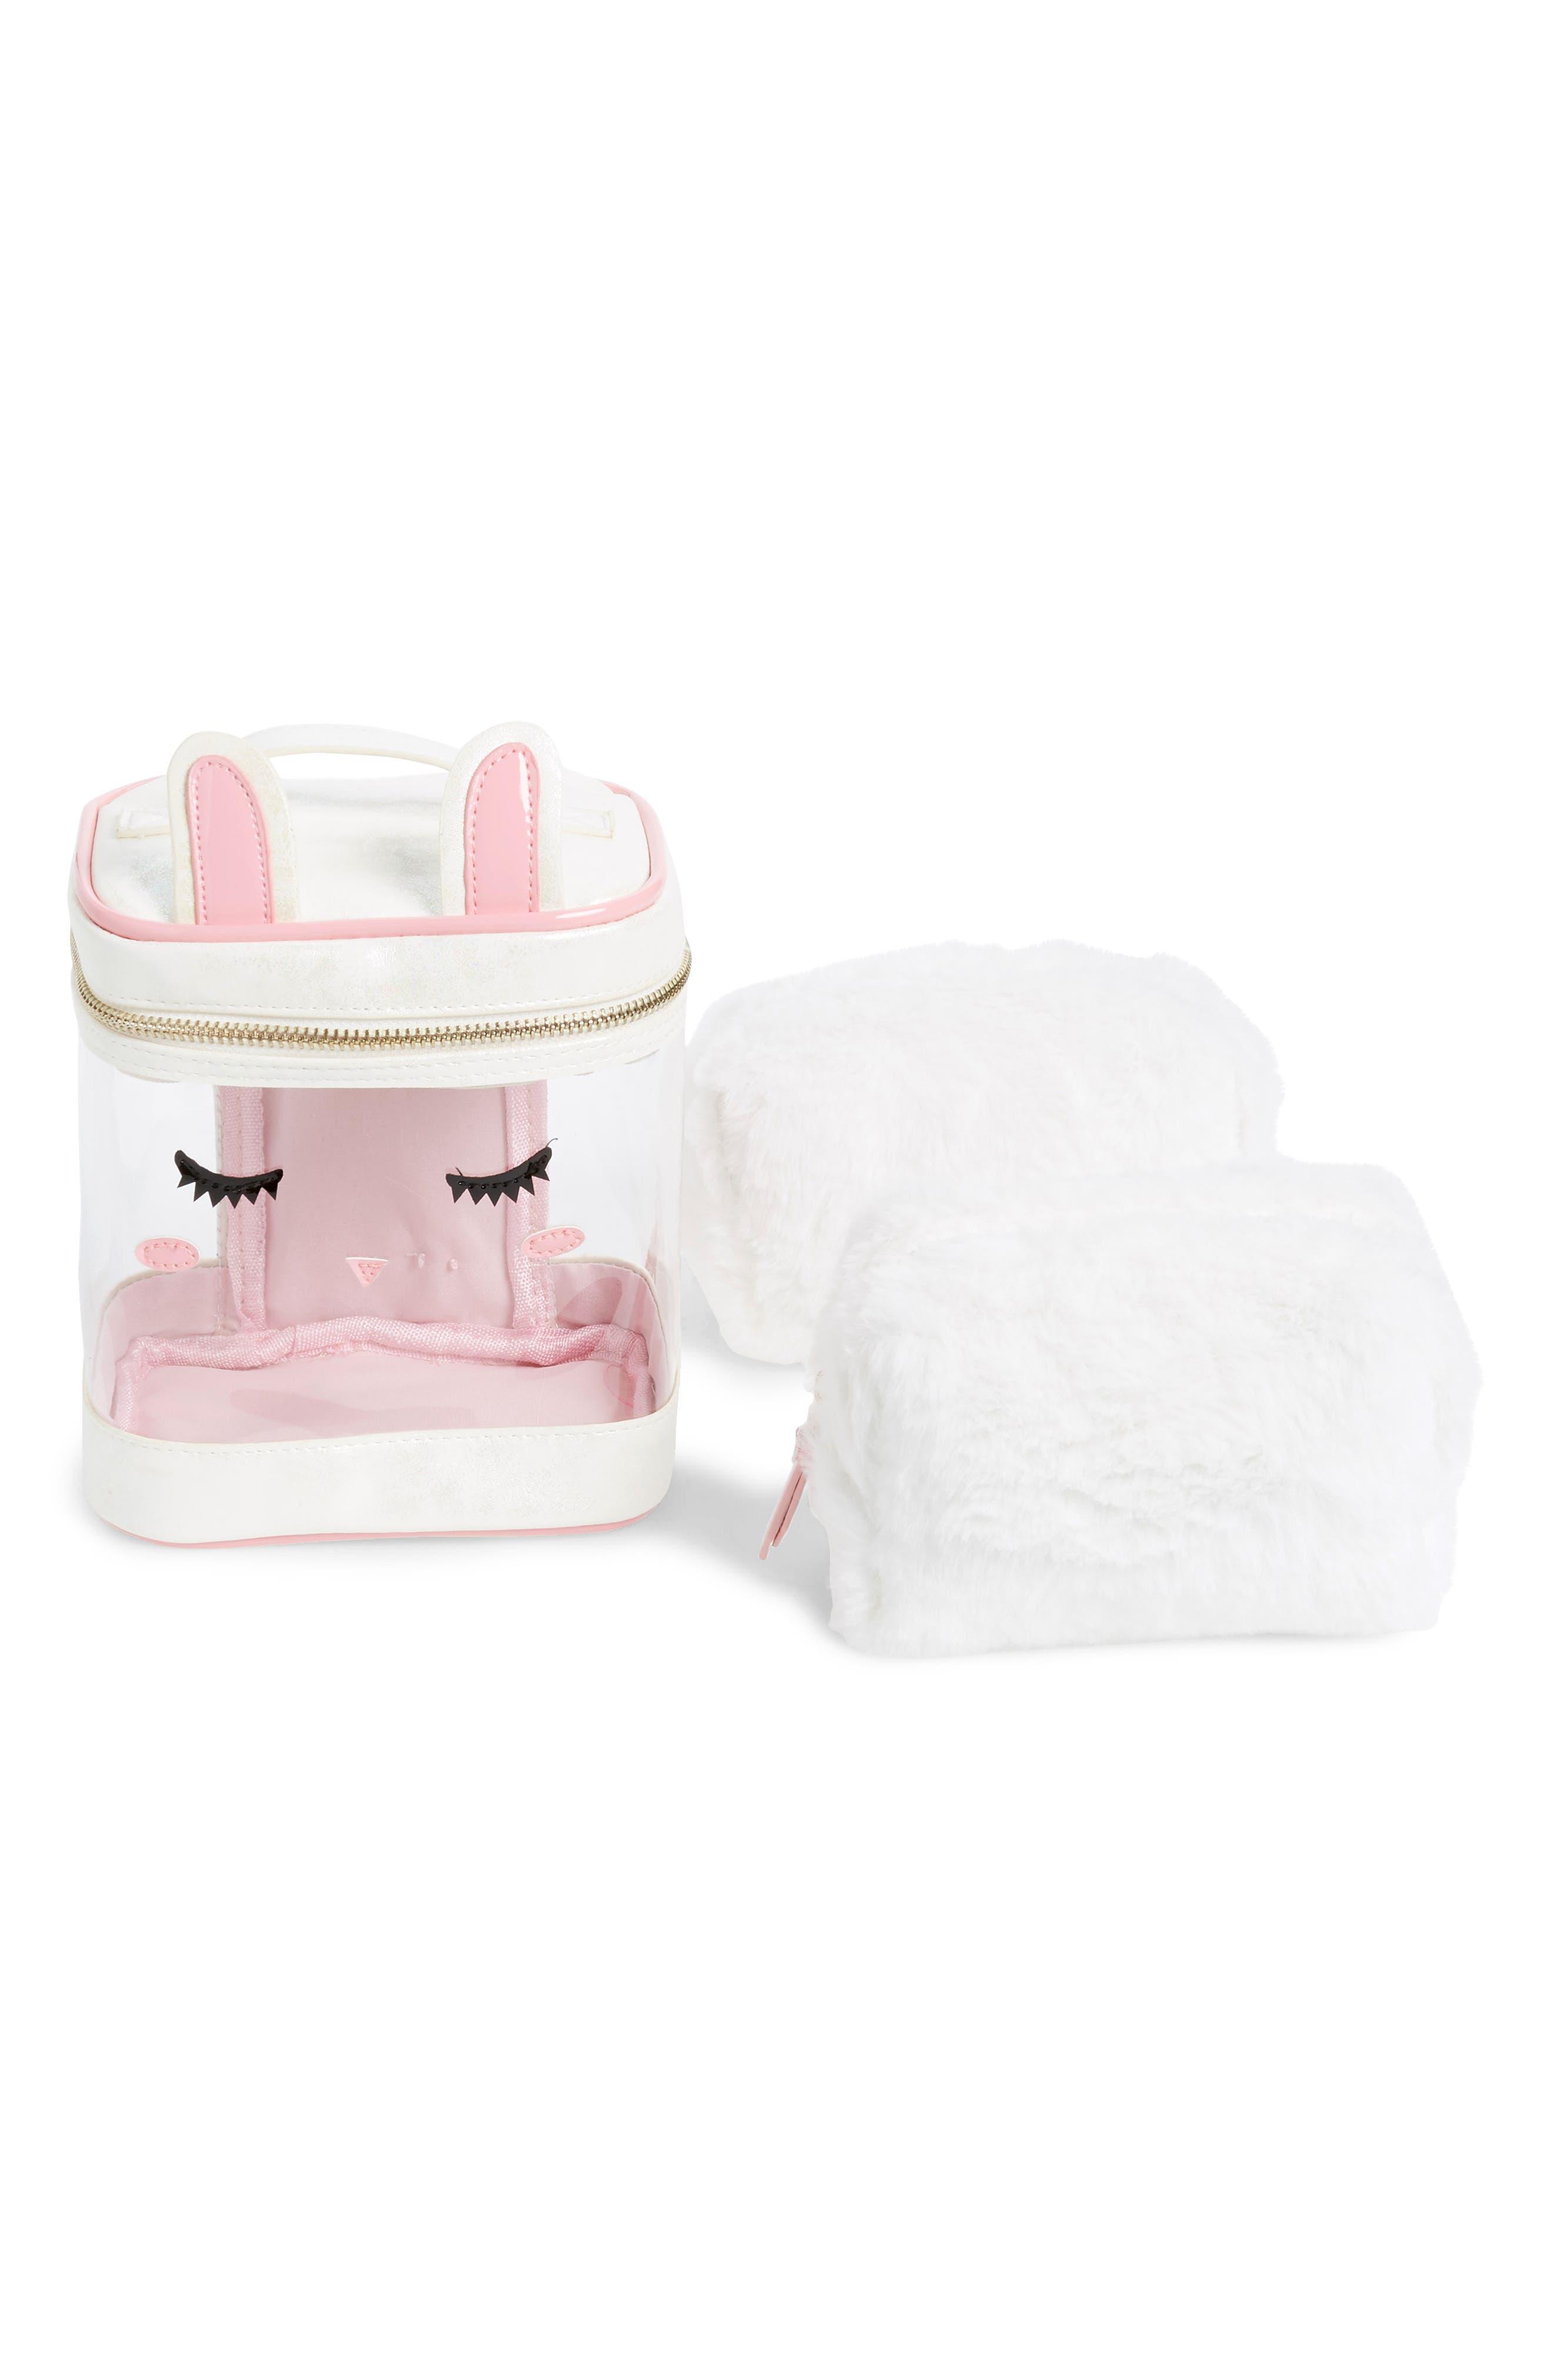 Bunny Three-Piece Bag Set,                         Main,                         color, BUNNY